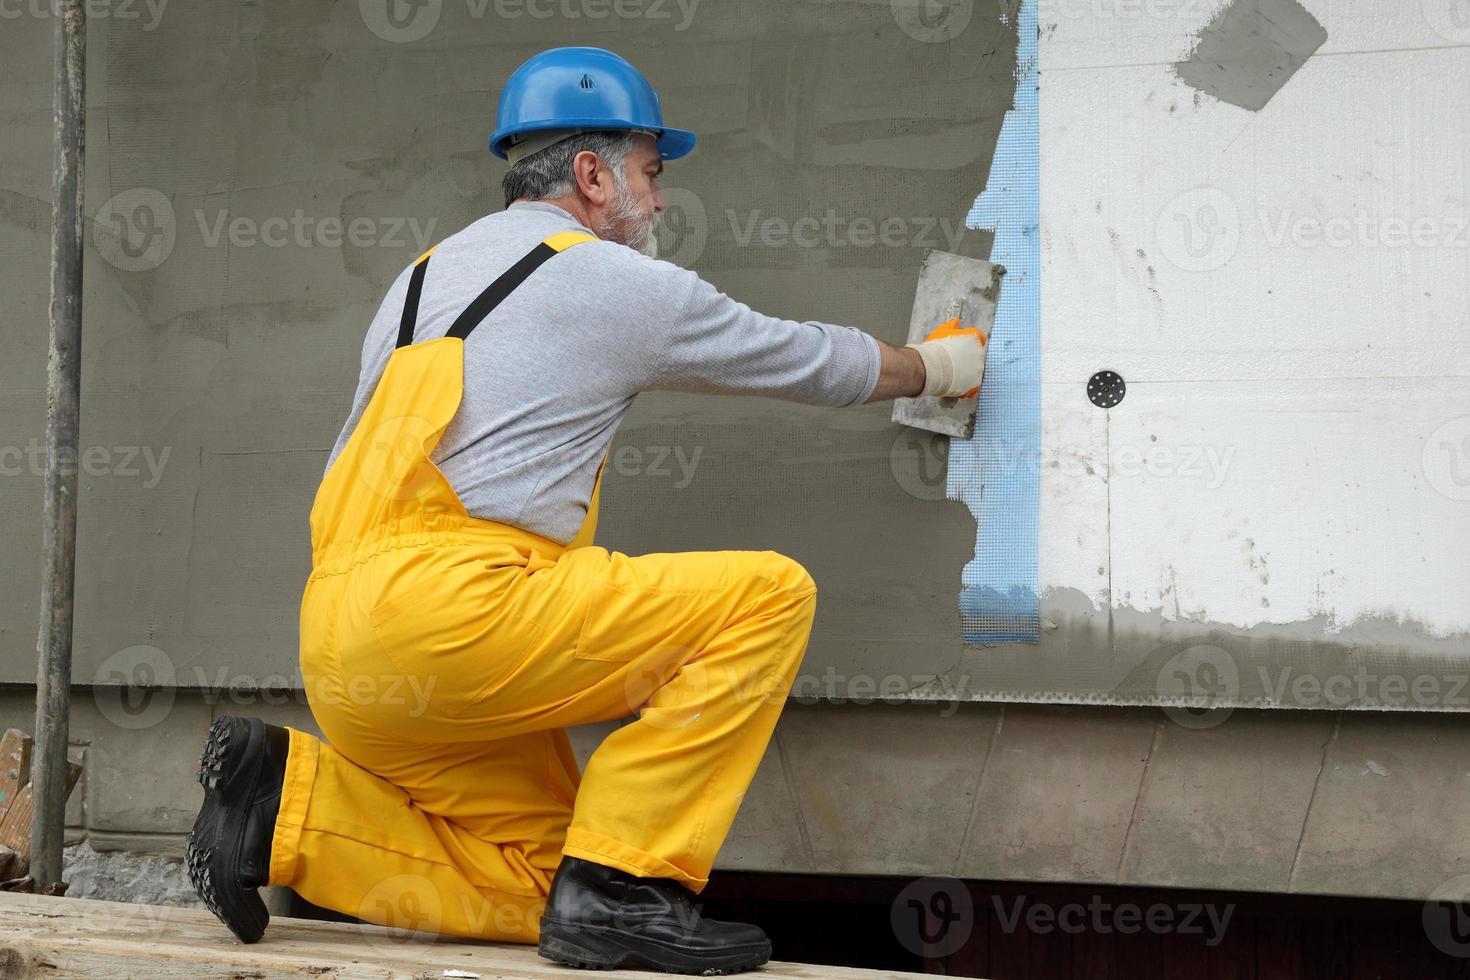 väggisolering, spridande murbruk över nät och styrofoam foto